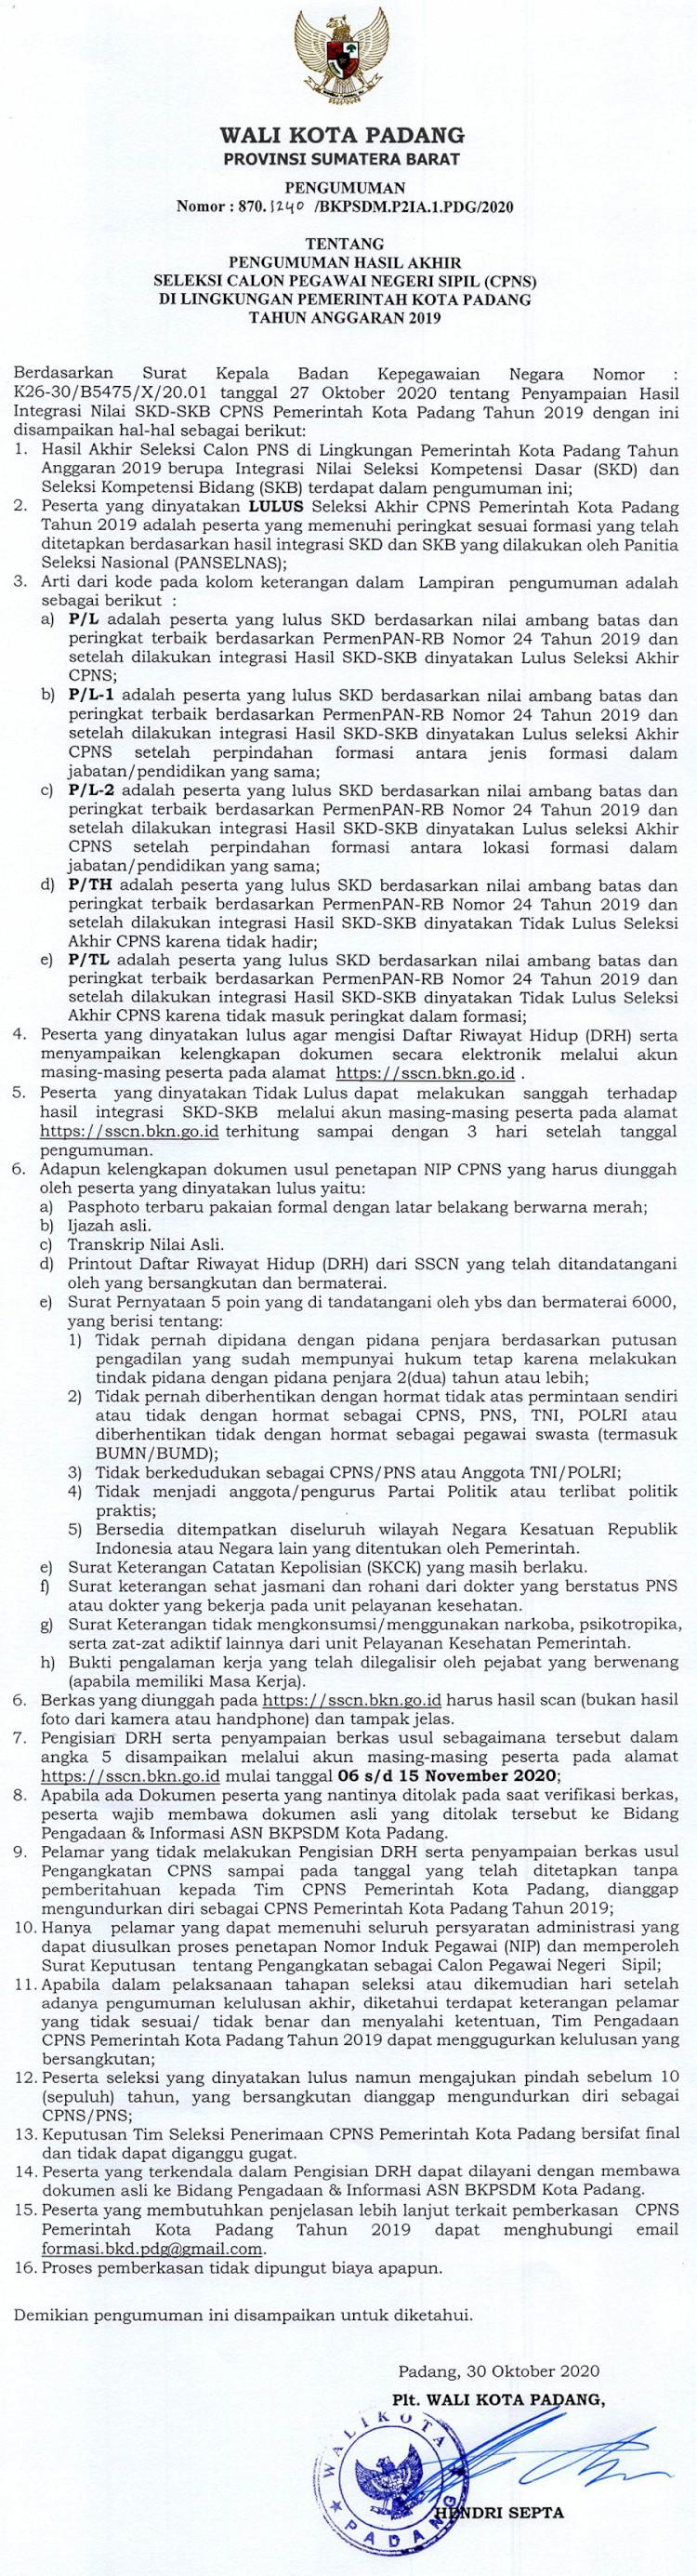 Pengumuman Hasil Akhir Seleksi Calon Pegawai Negeri Sipil Di Lingkungan Pemerintah Kota Padang Tahun Anggaran 2019